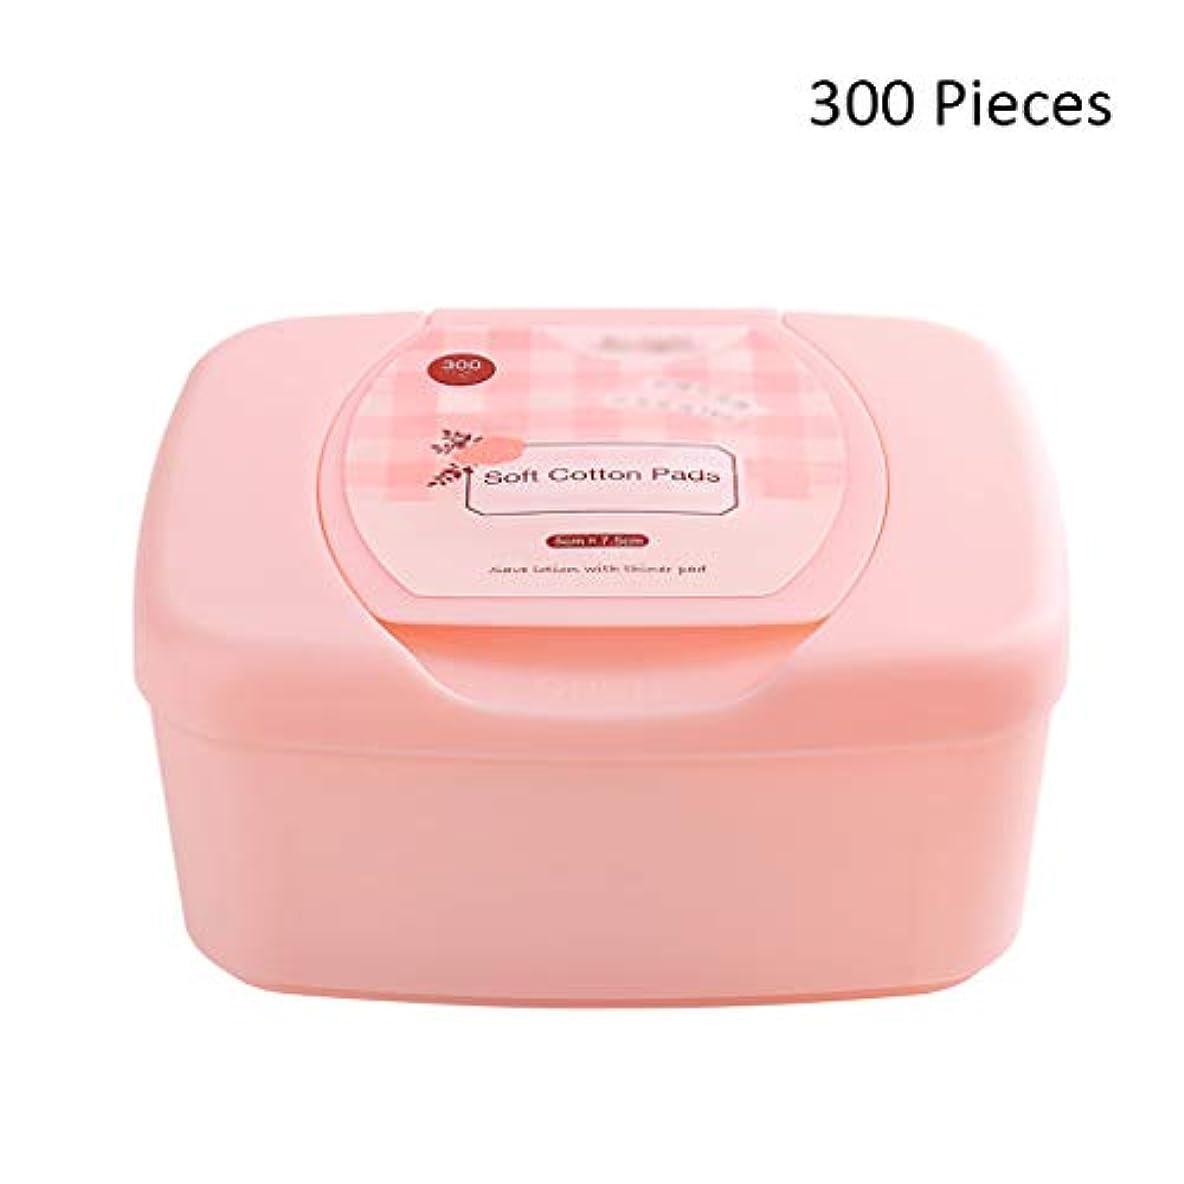 化粧パッド 300ピース顔メイクコットンワイプフェイスクレンジングパフネイルポリッシュリムーバーリムーバブル化粧品スキンケアパッド付きケース メイク落とし化粧パッド (Color : Pink, サイズ : 7.5*5cm)